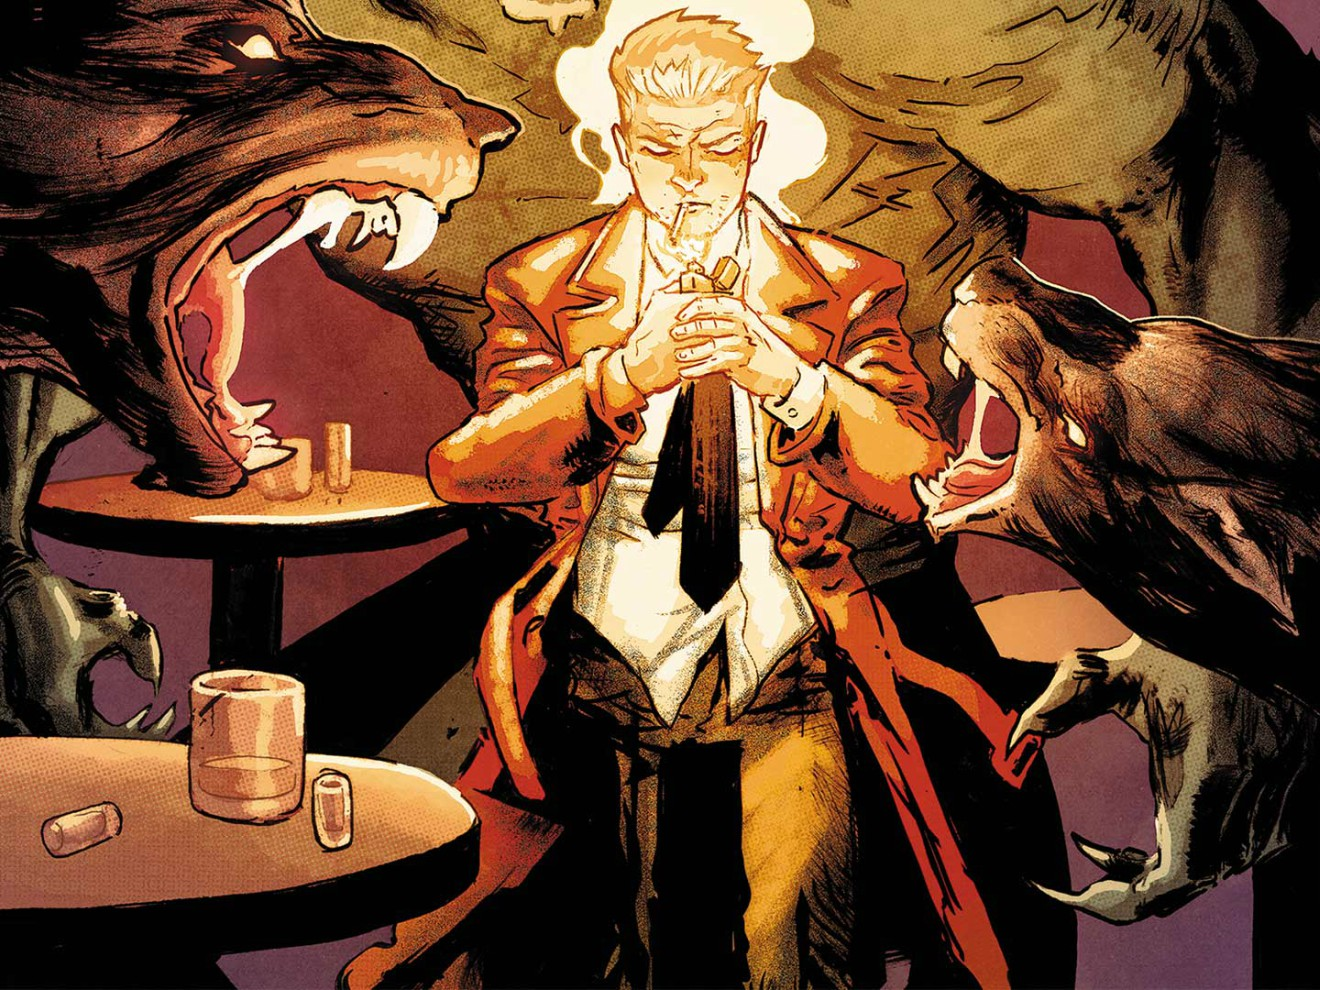 Vertigo Digital Aesthetic Redefinition of Comic Books